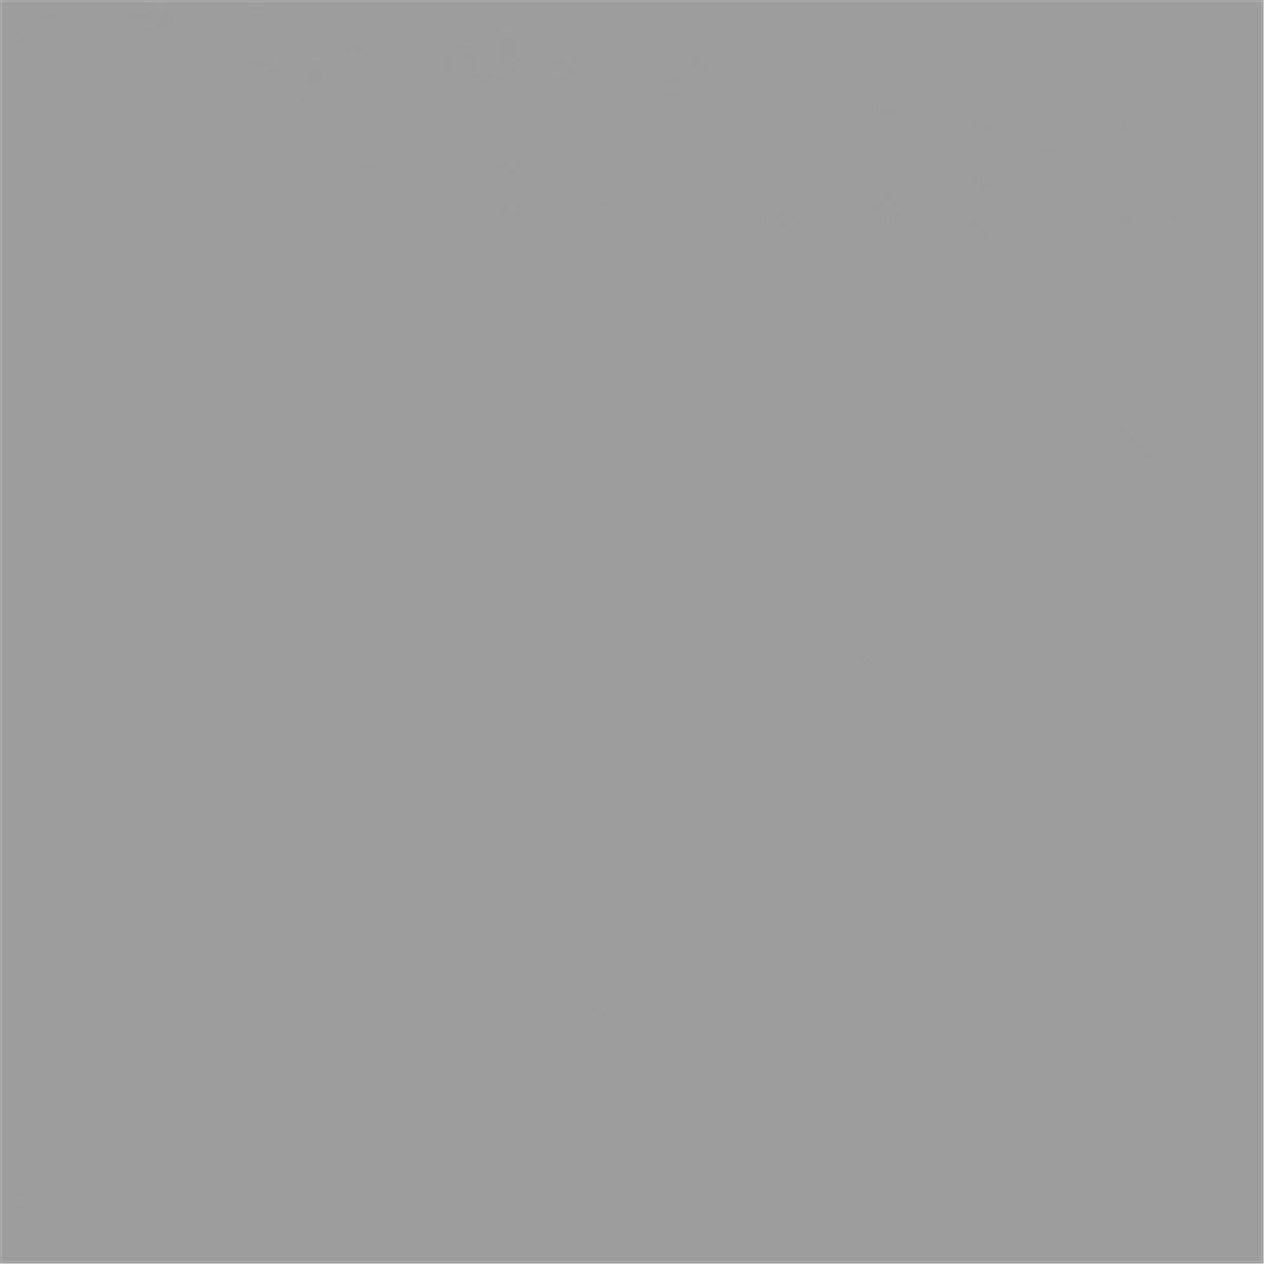 Enfärgad grå tapet.   Idéer för köket 1   Pinterest